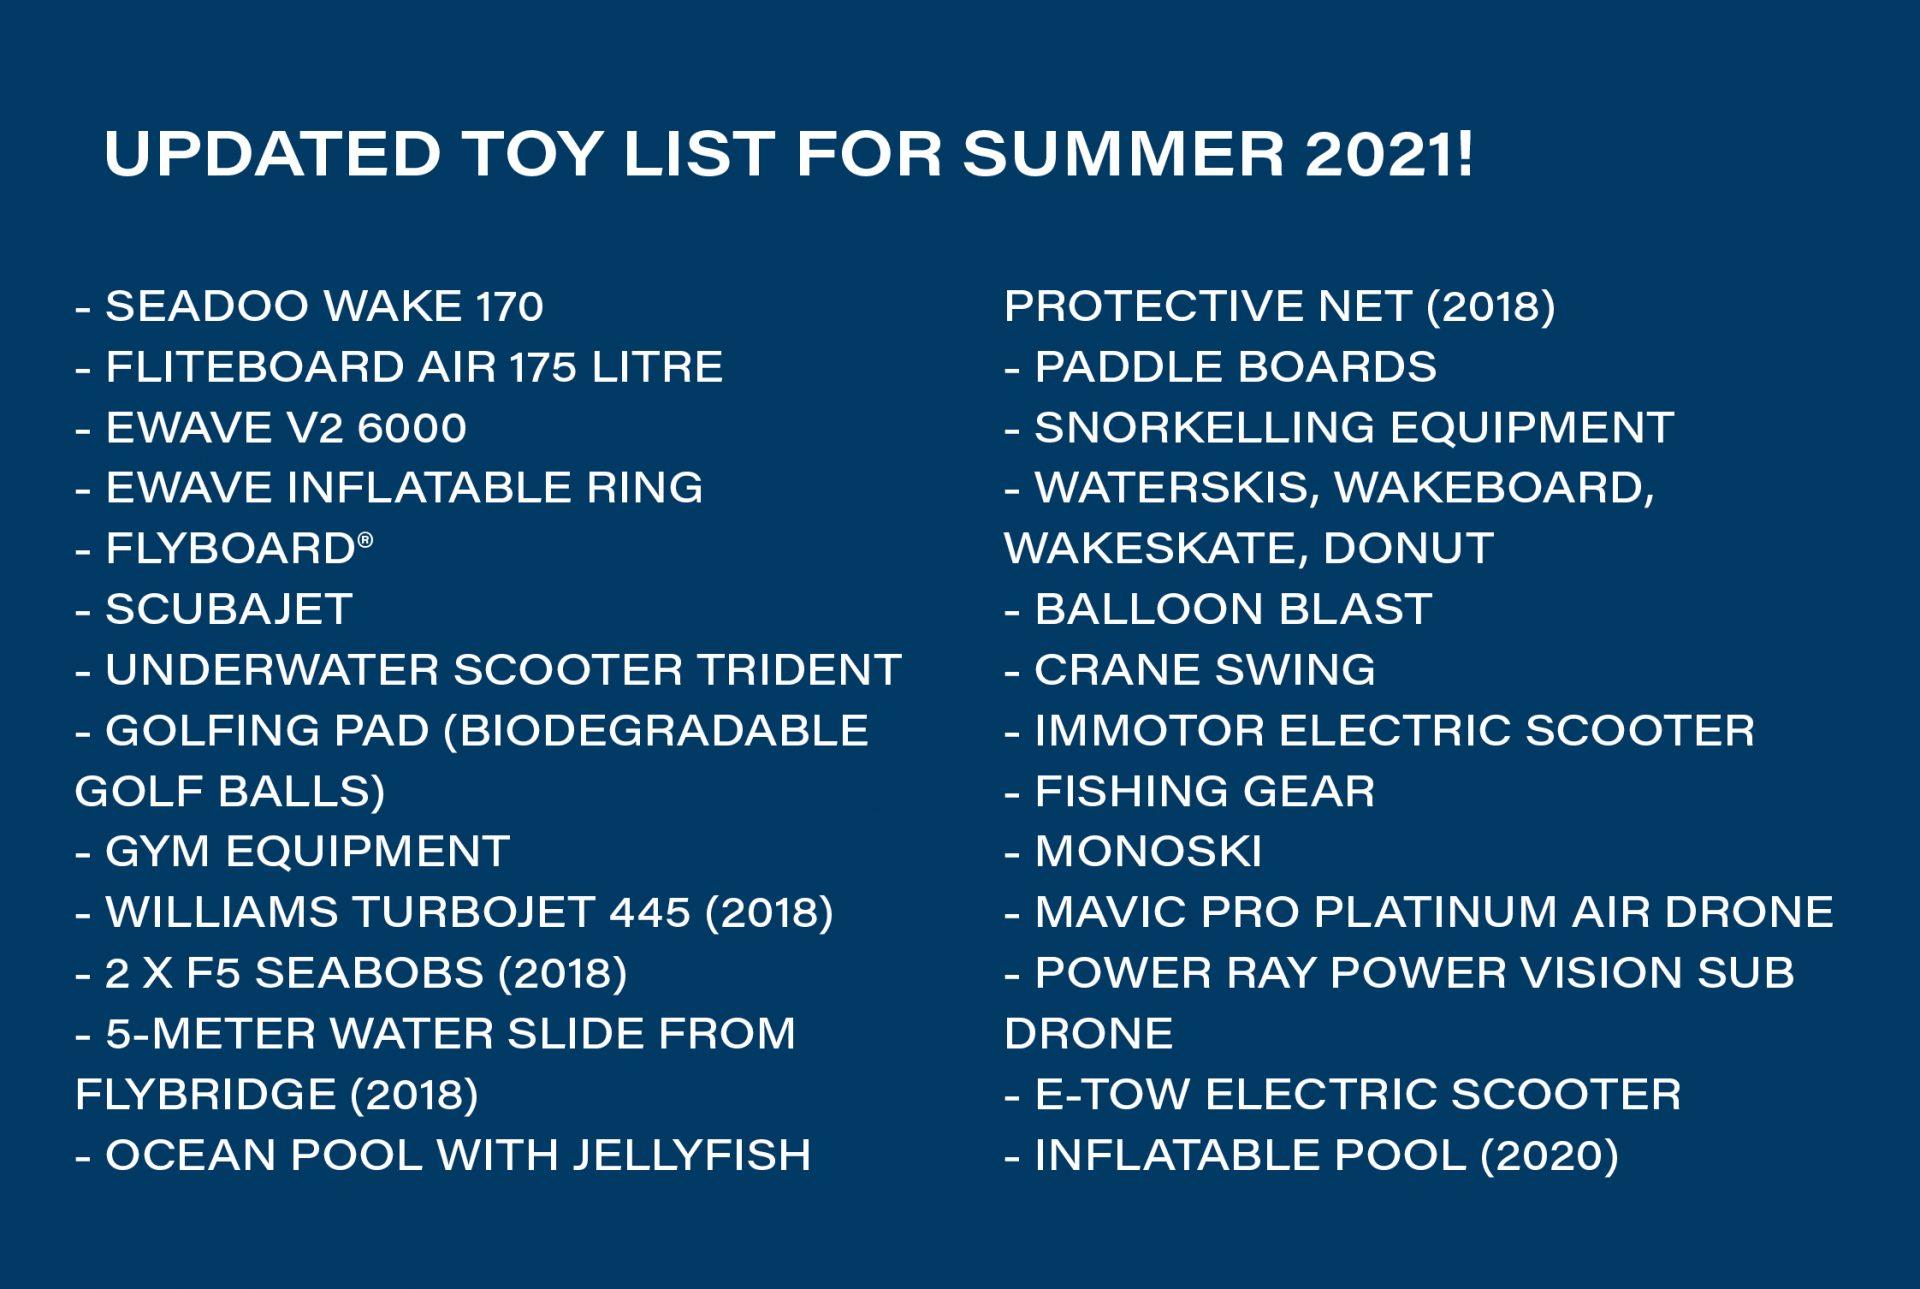 Lady Amanda Toy list 2021